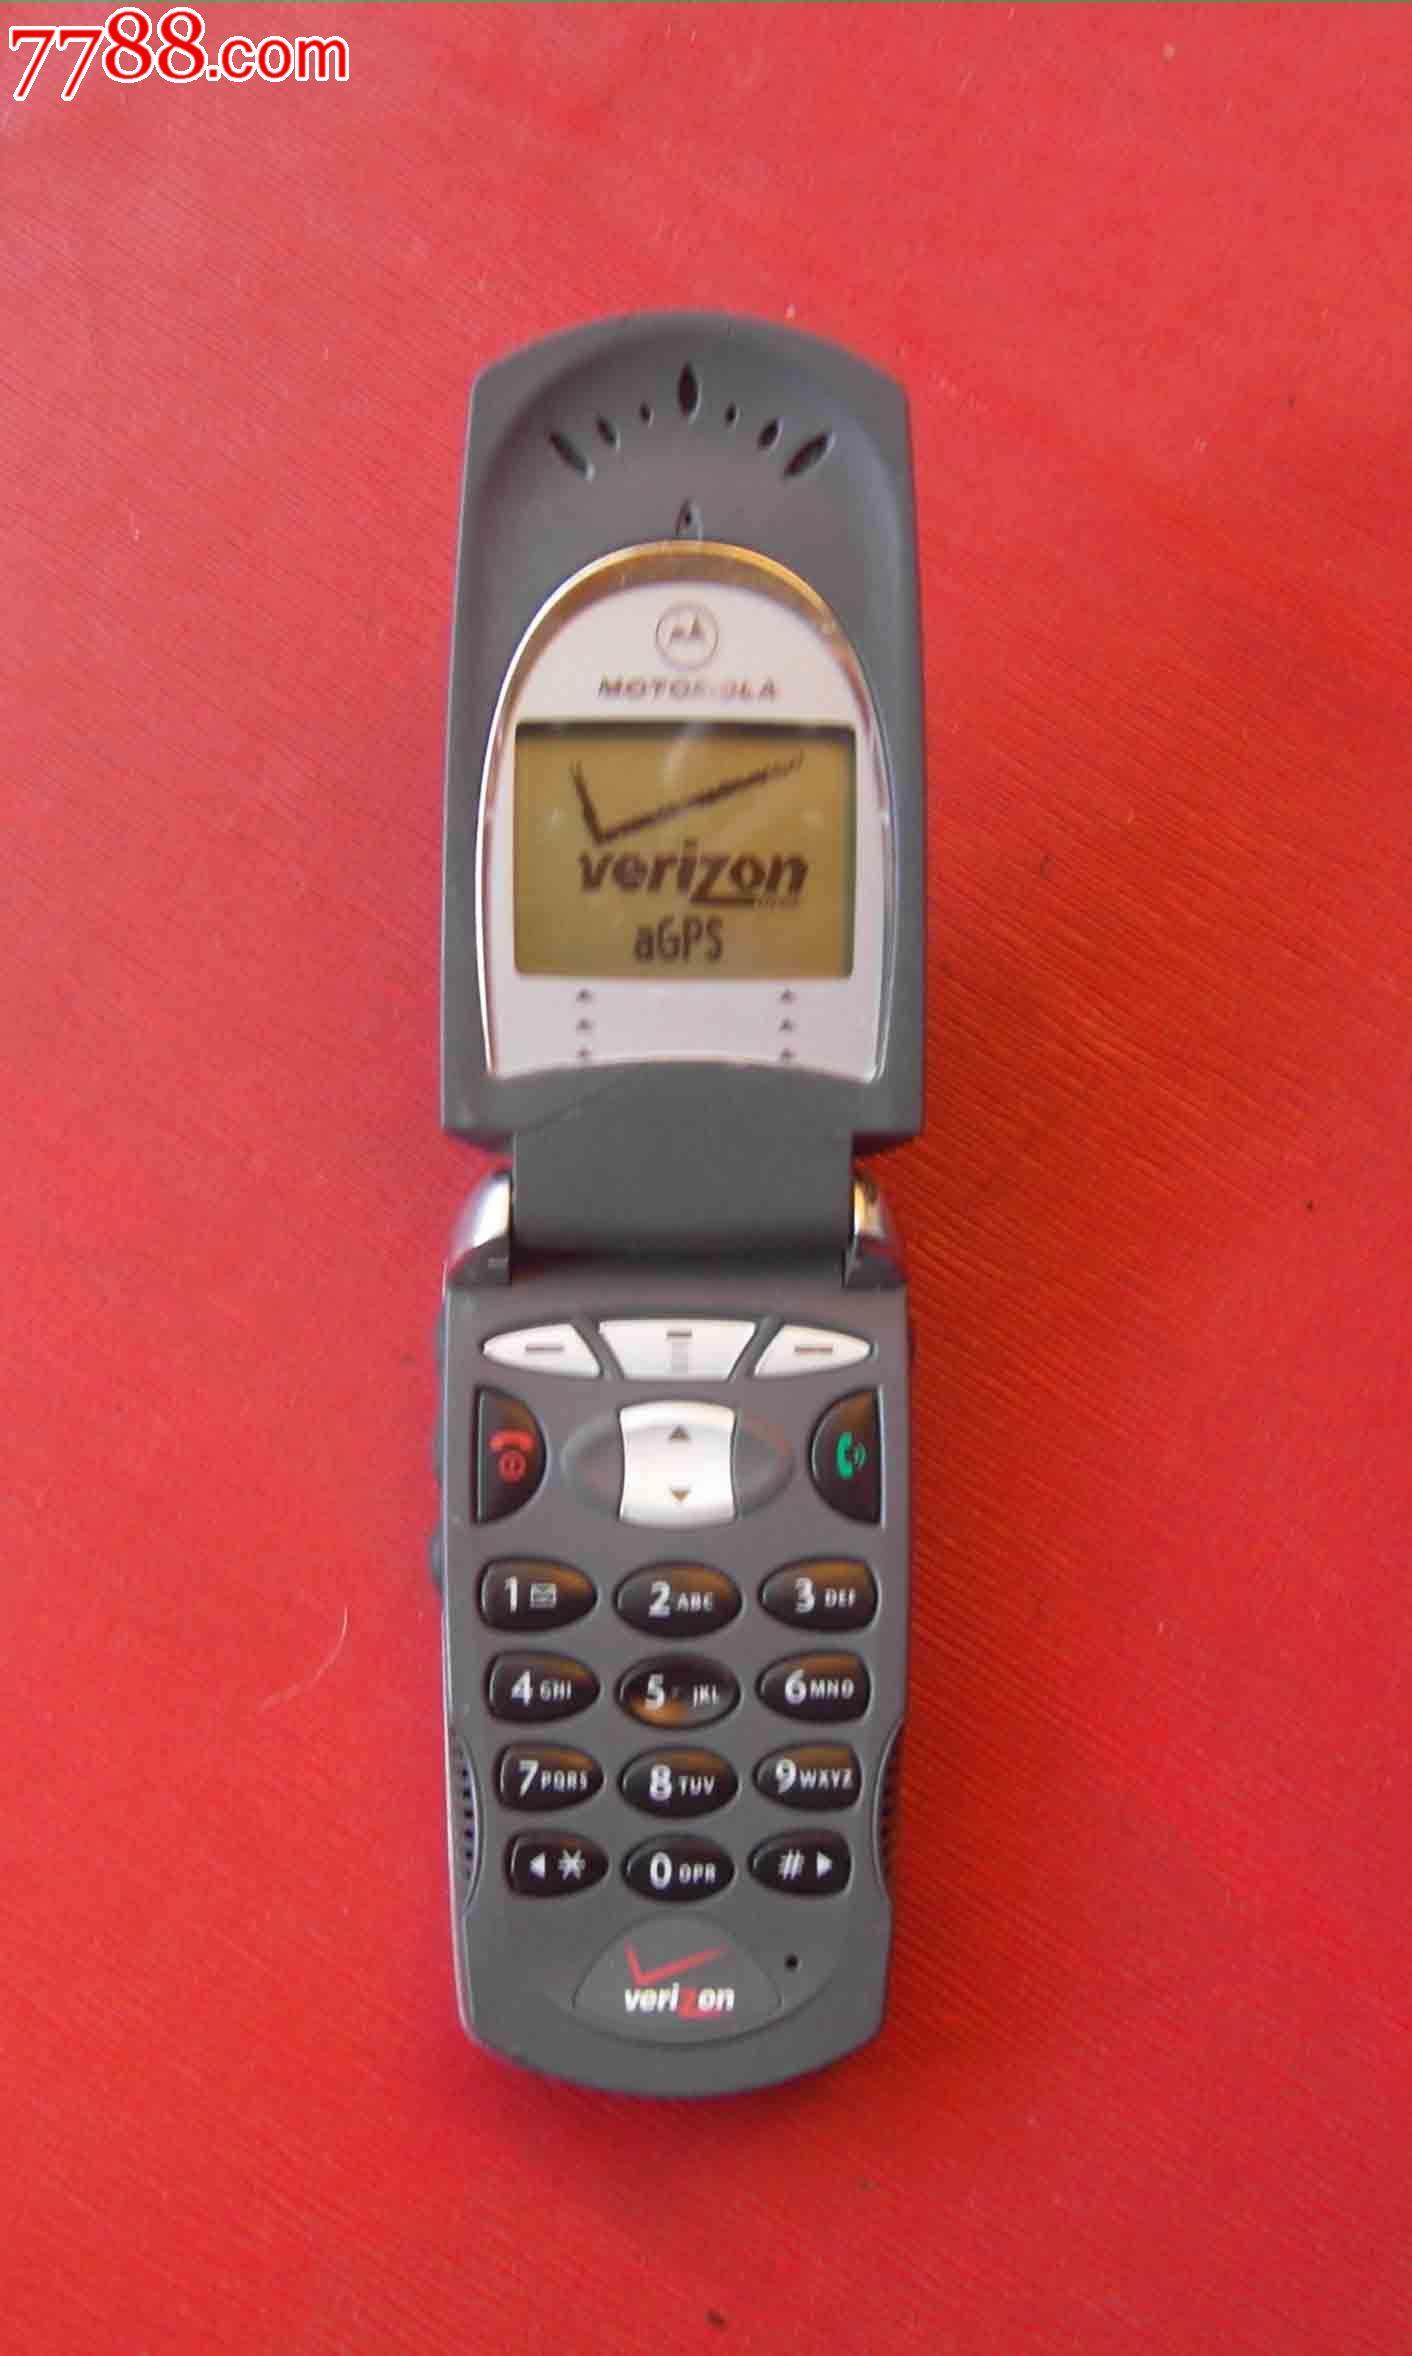 小灵通-小灵通-零售-7788手机; 20世纪90年代图片-3;